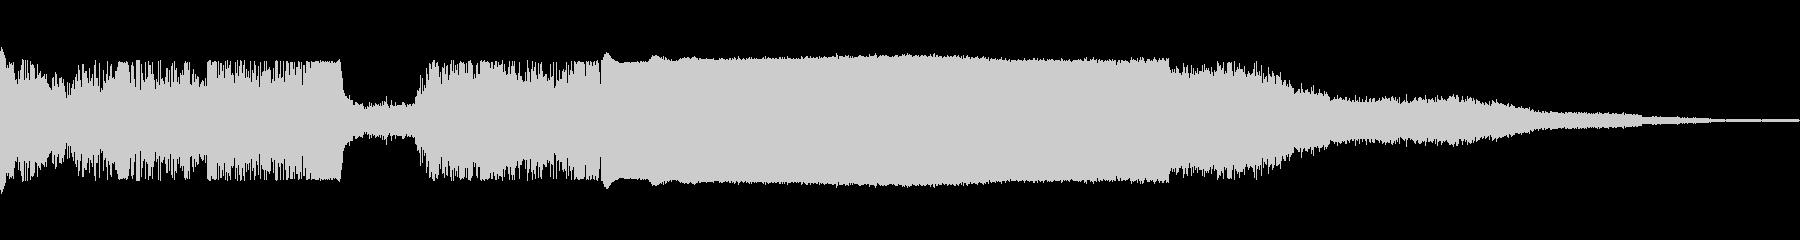 トーチフレーム溶射溶接aの未再生の波形